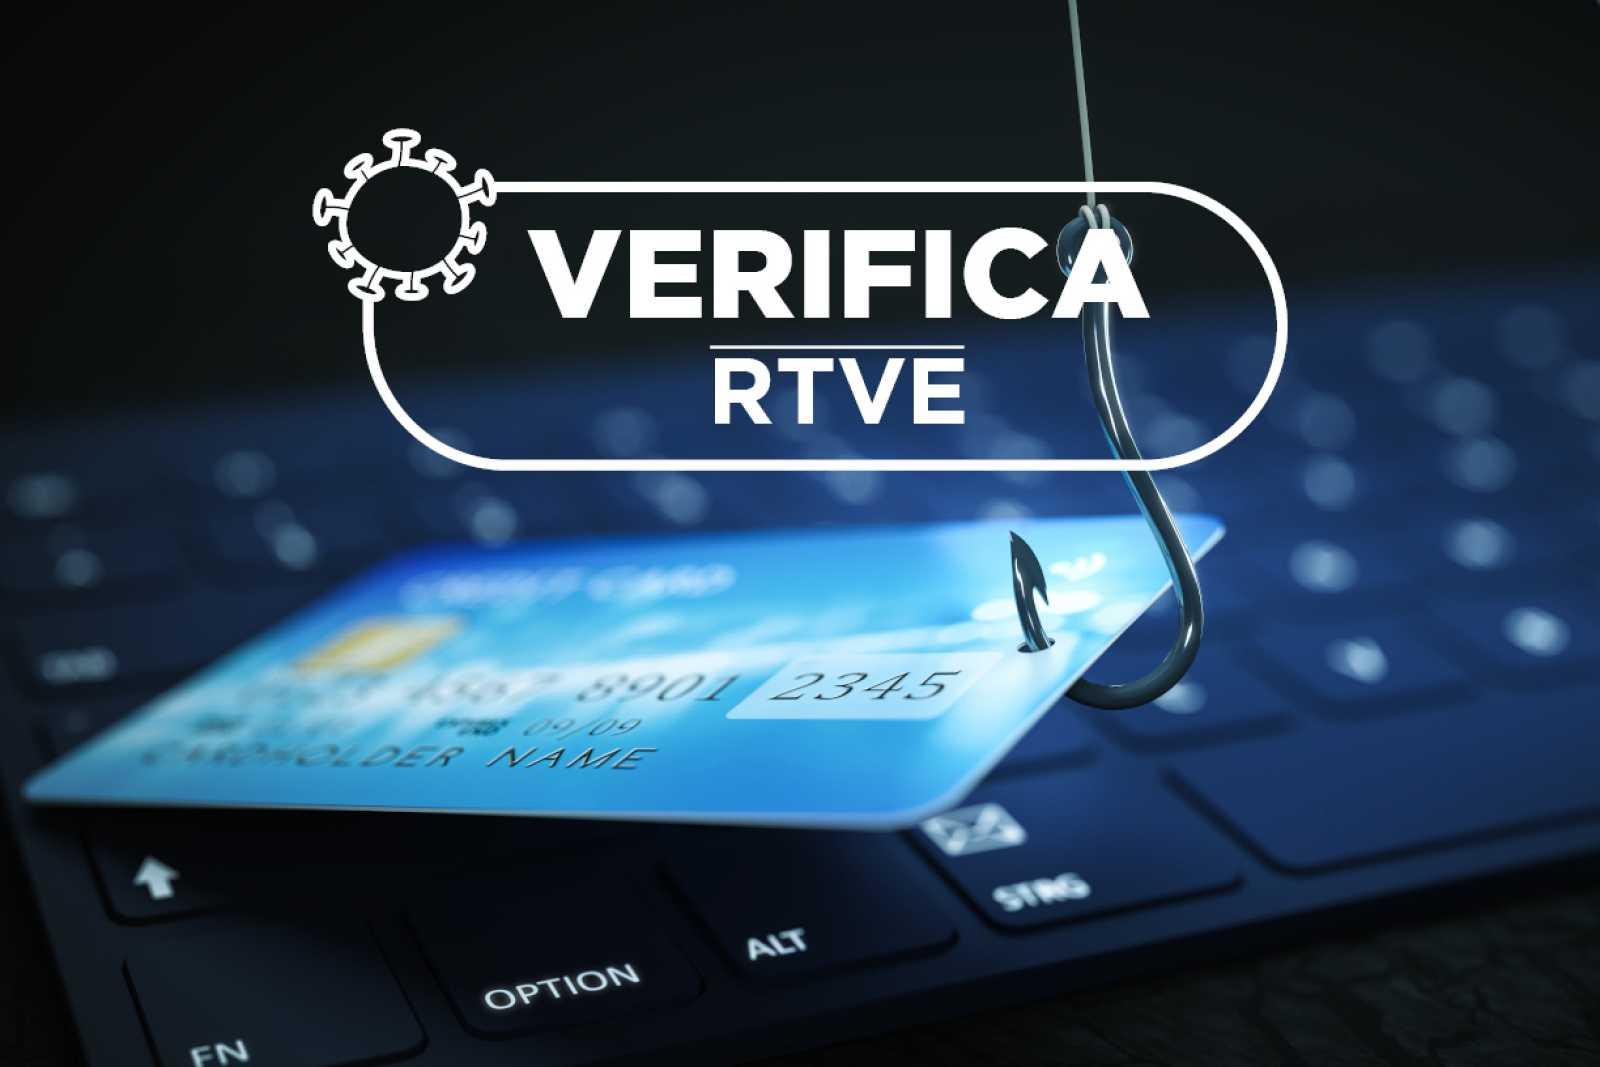 Un anzuelo atraviesa una tarjeta de crédito sobre un ordenador portátil bajo las palabras verifica RTVE